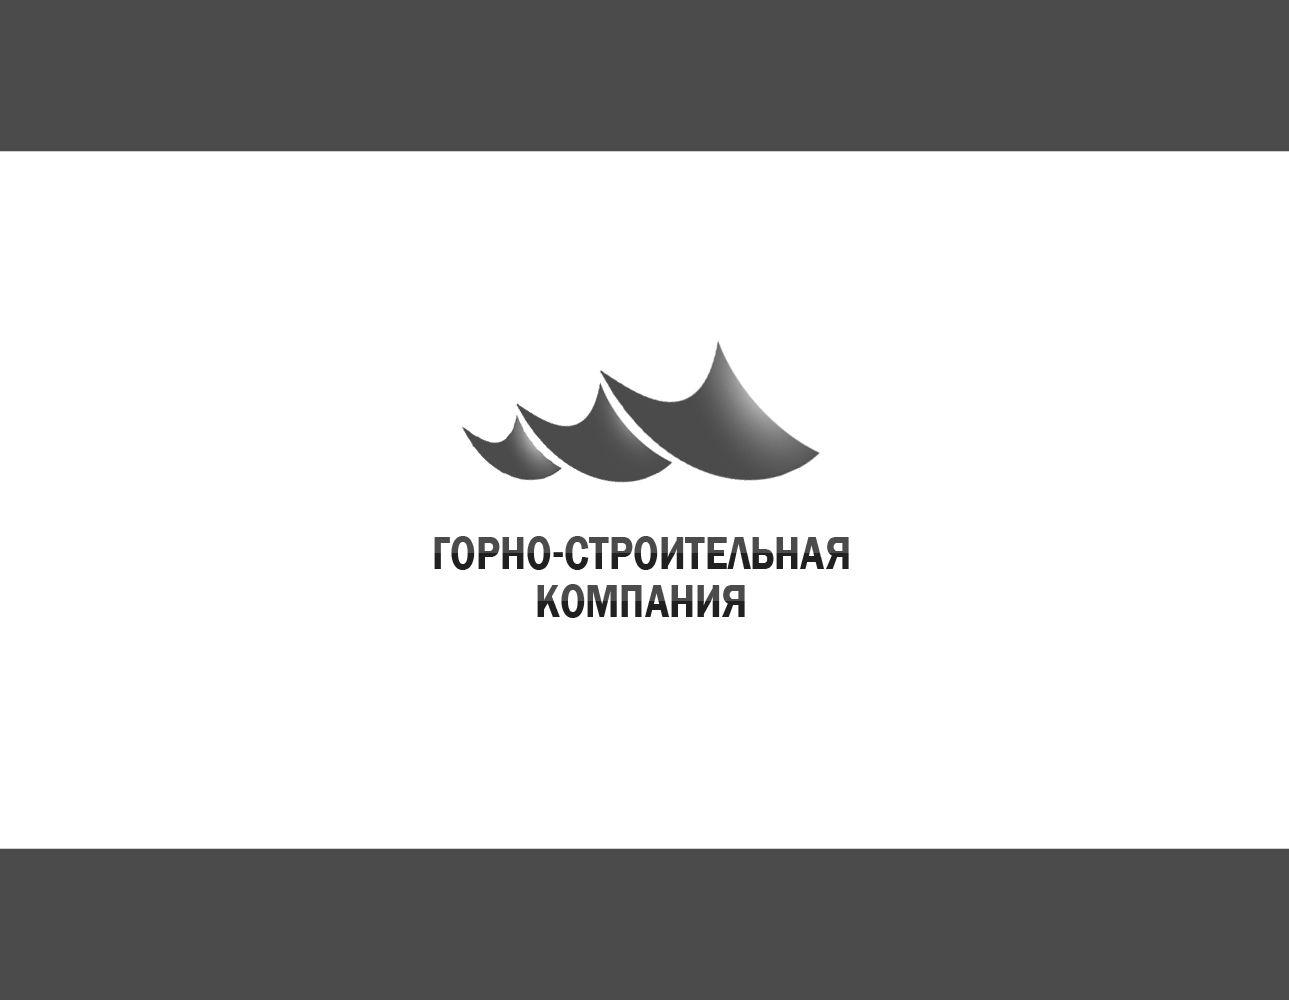 Логотип для Горно-Строительной Компании - дизайнер bedlam770